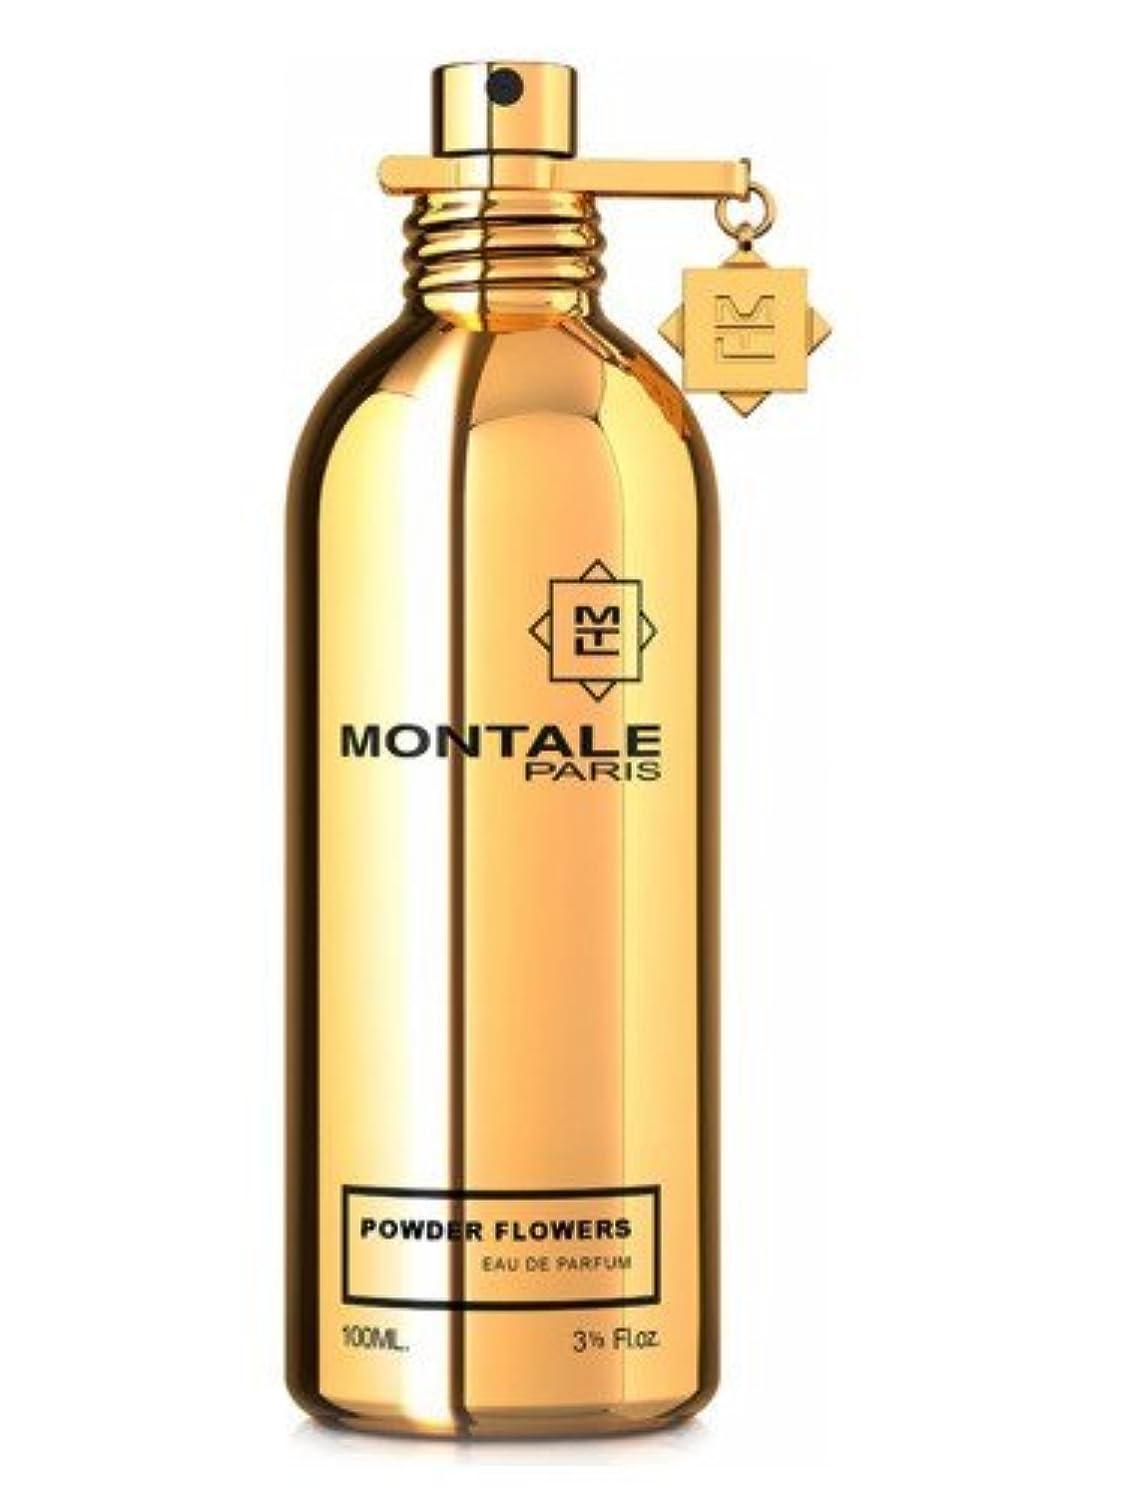 分数ゴミグリットMONTALE POWDER FLOWERS Eau de Perfume 100ml Made in France 100% 本物のモンターレ粉花香水 100 ml フランス製 +2サンプル無料! + 30 mlスキンケア無料!